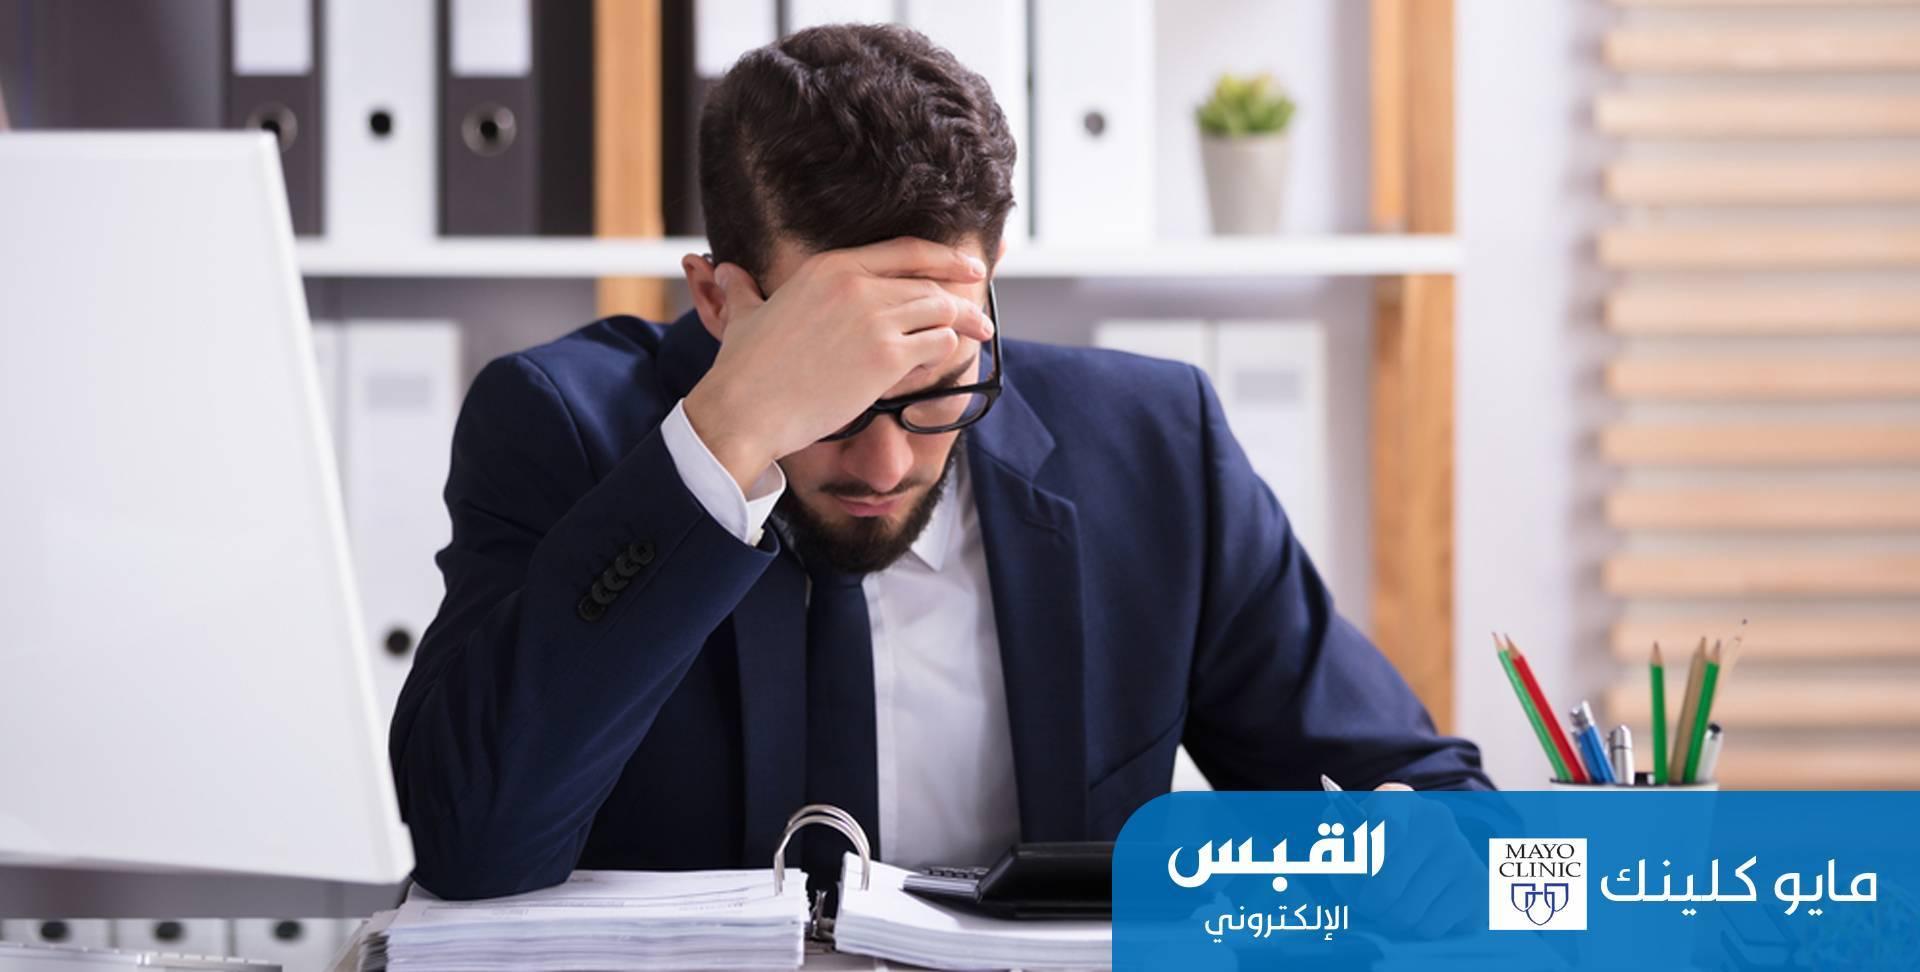 5 خطوات للتخلص من الضغط النفسي في العمل